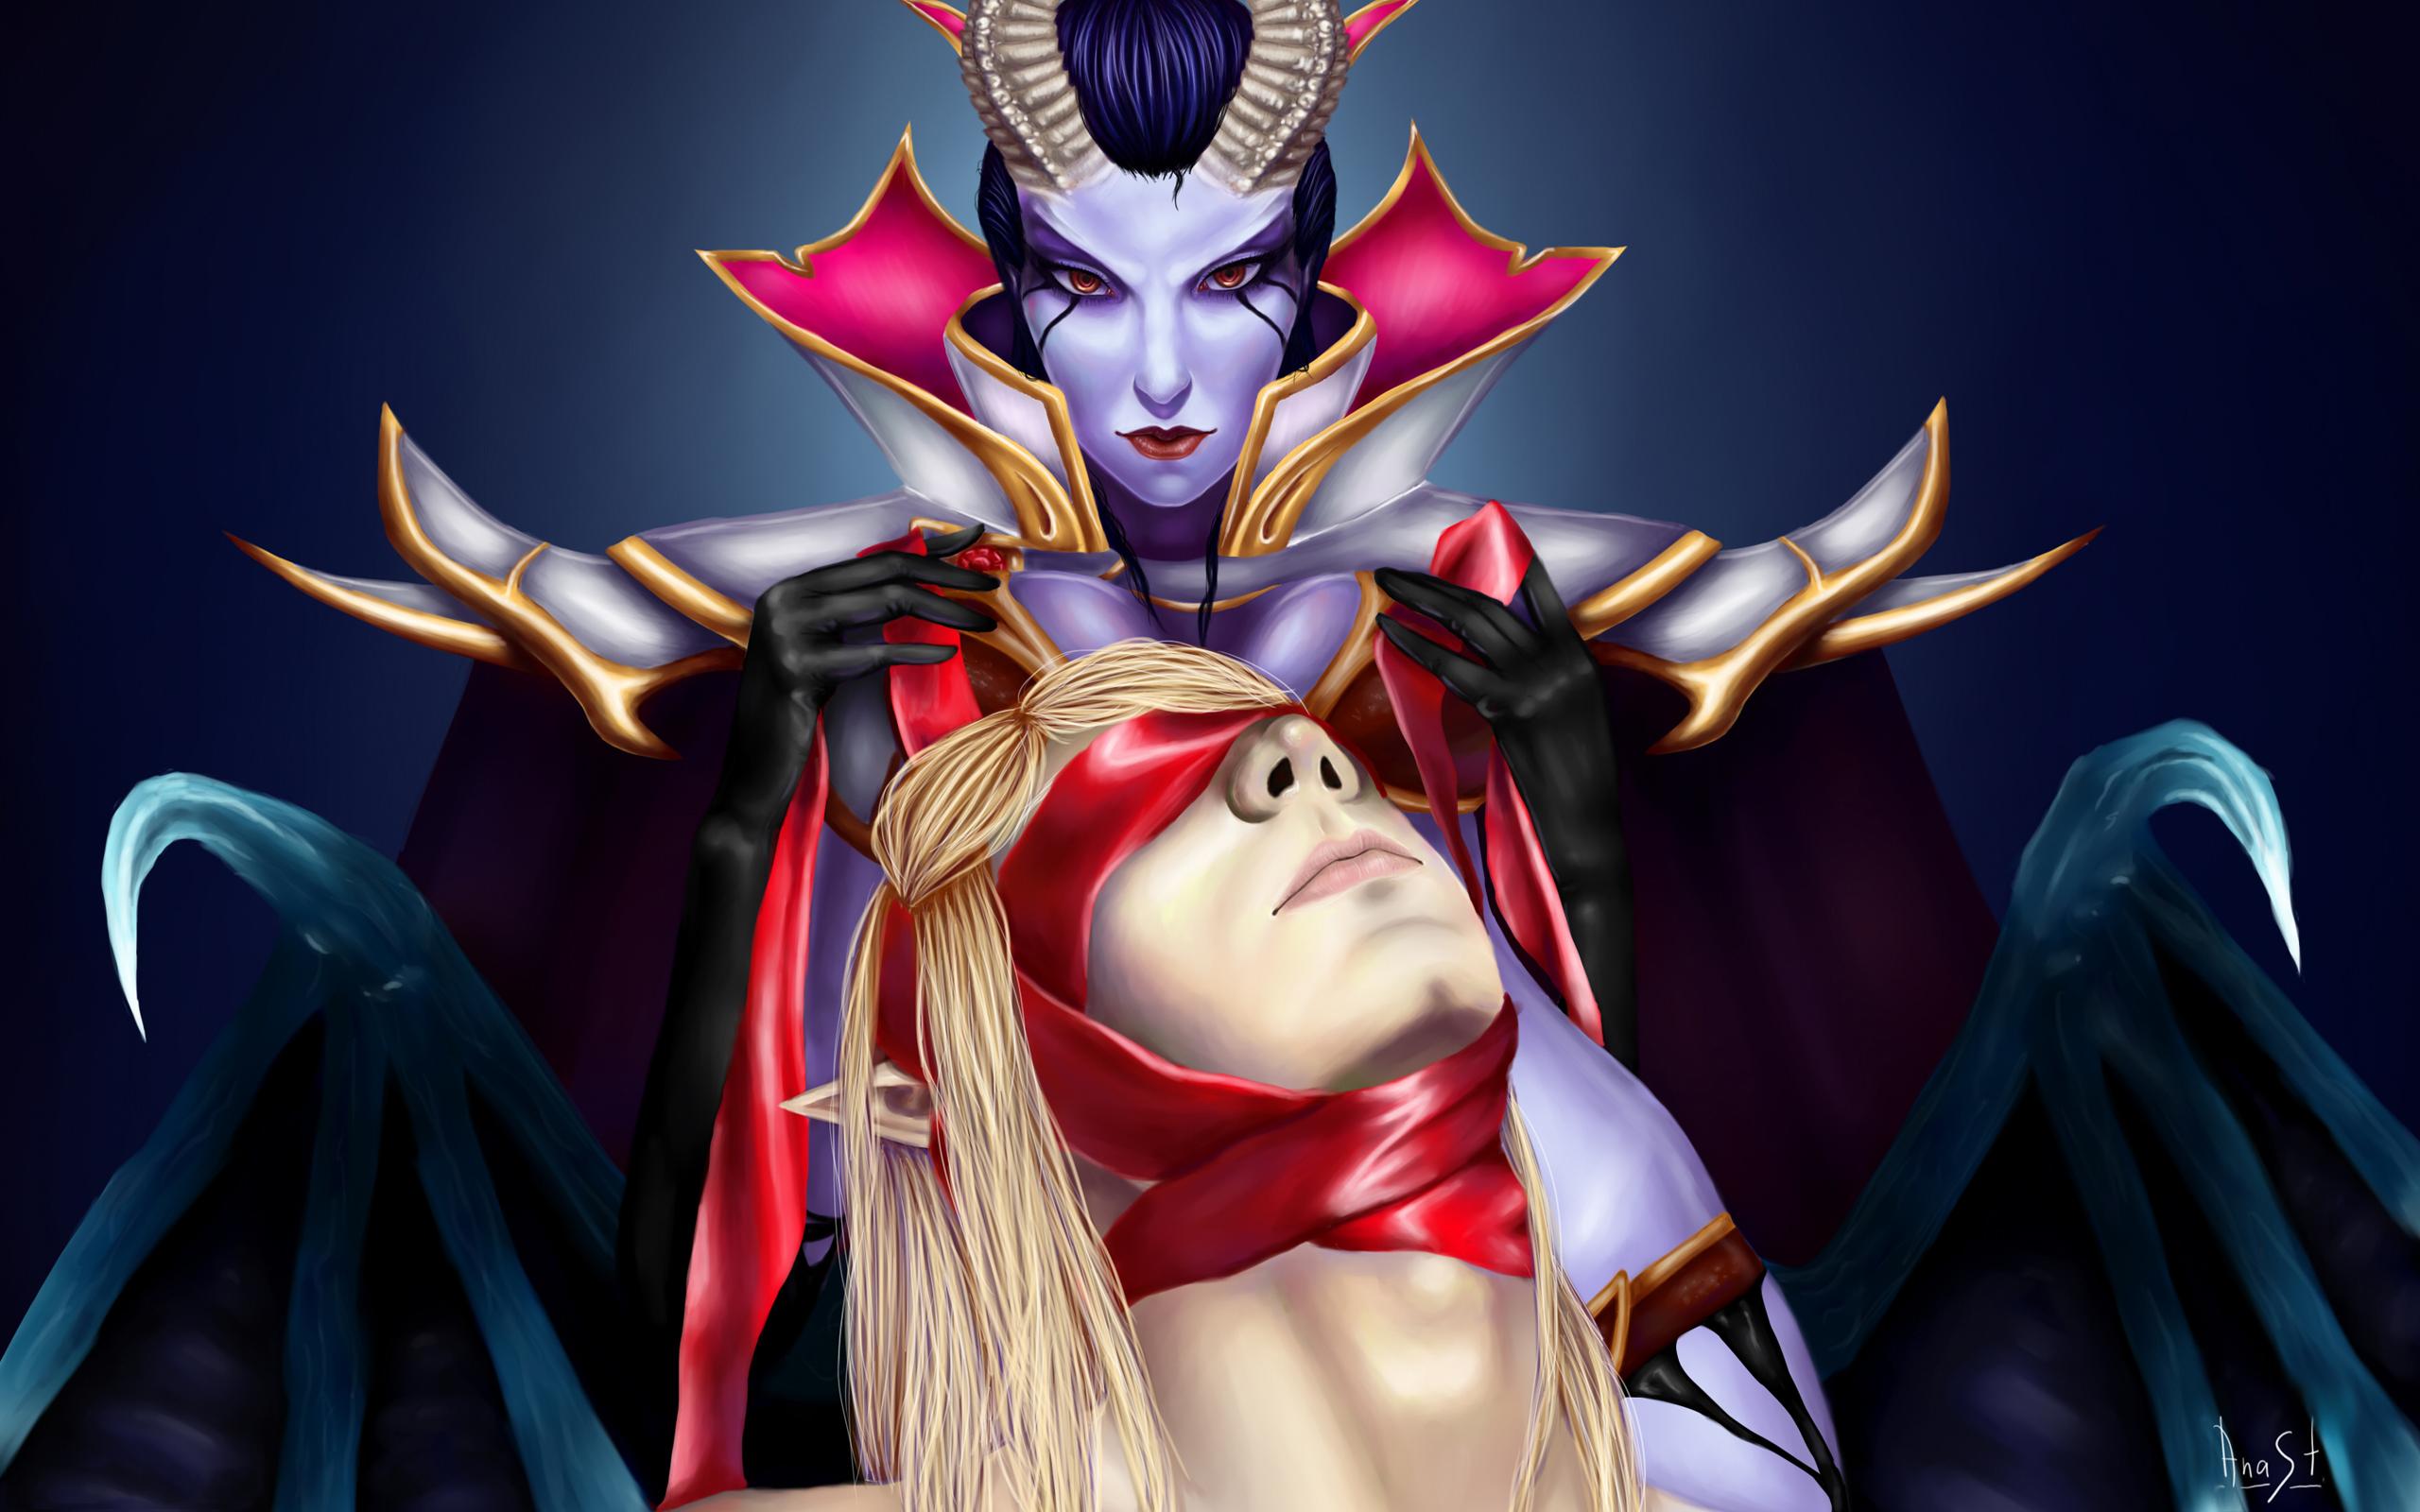 Queen of Pain & Invoker